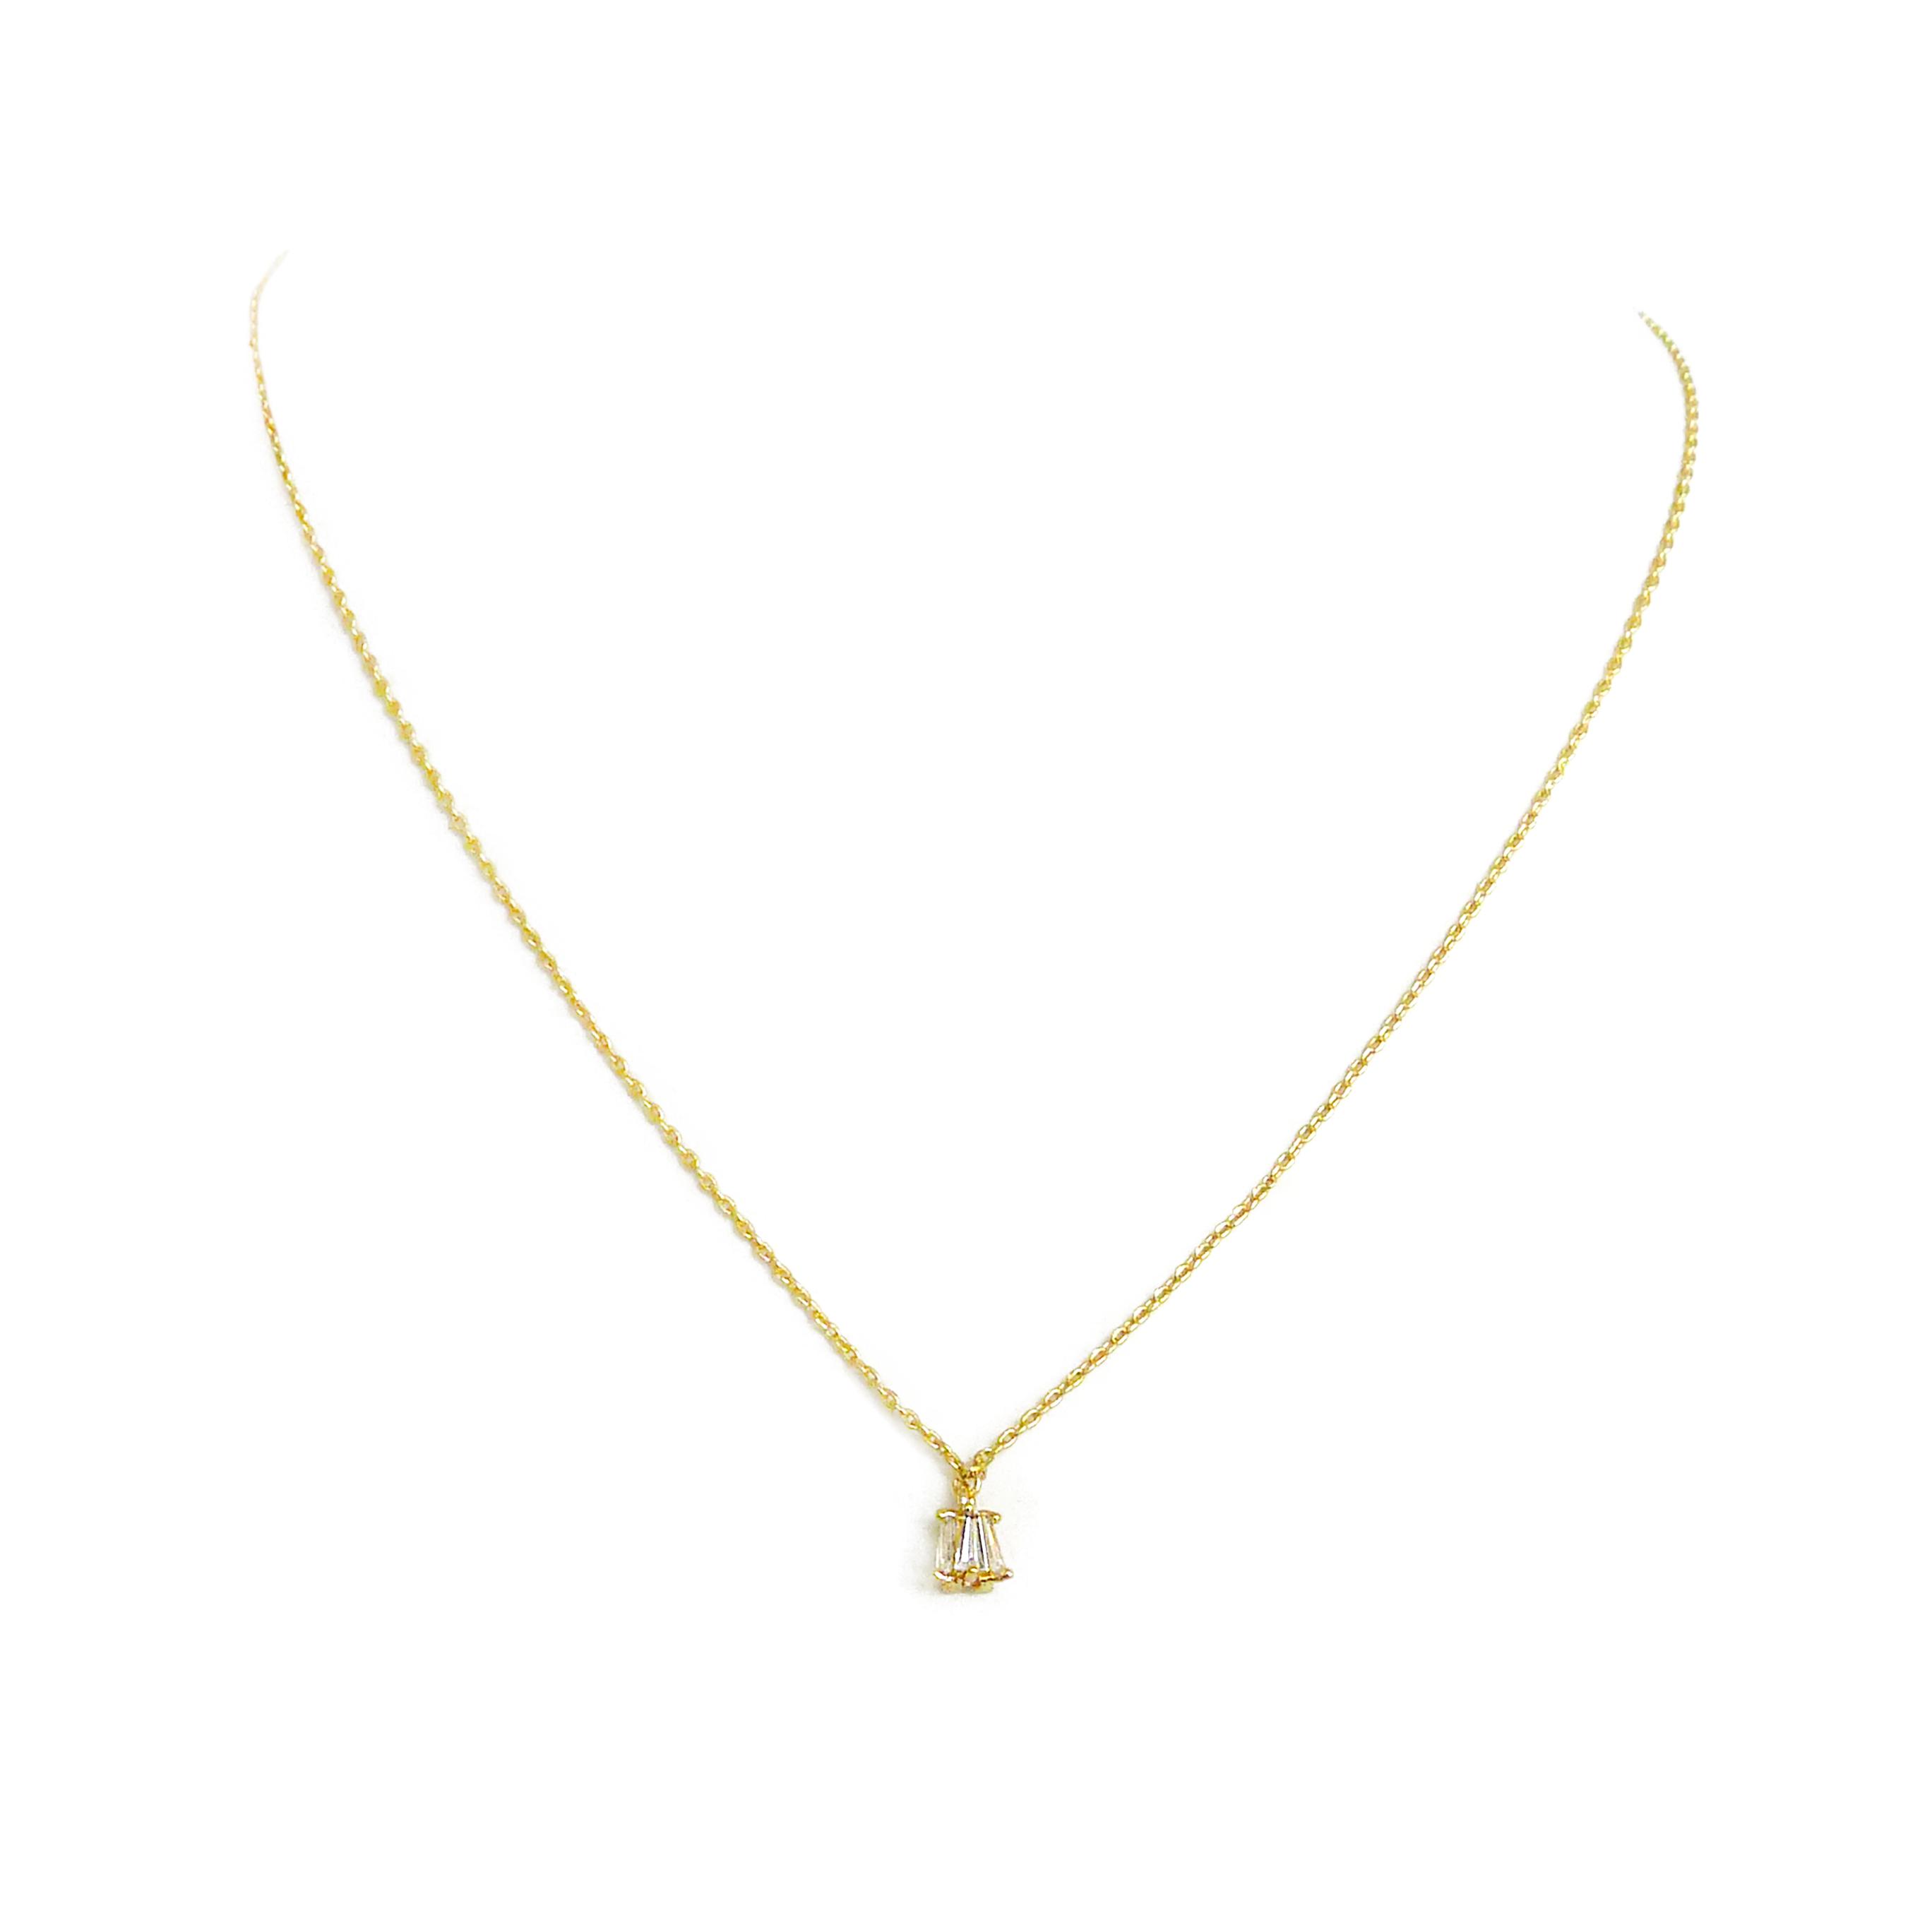 優雅鋯石款 – 小吊鐘 – 項鍊